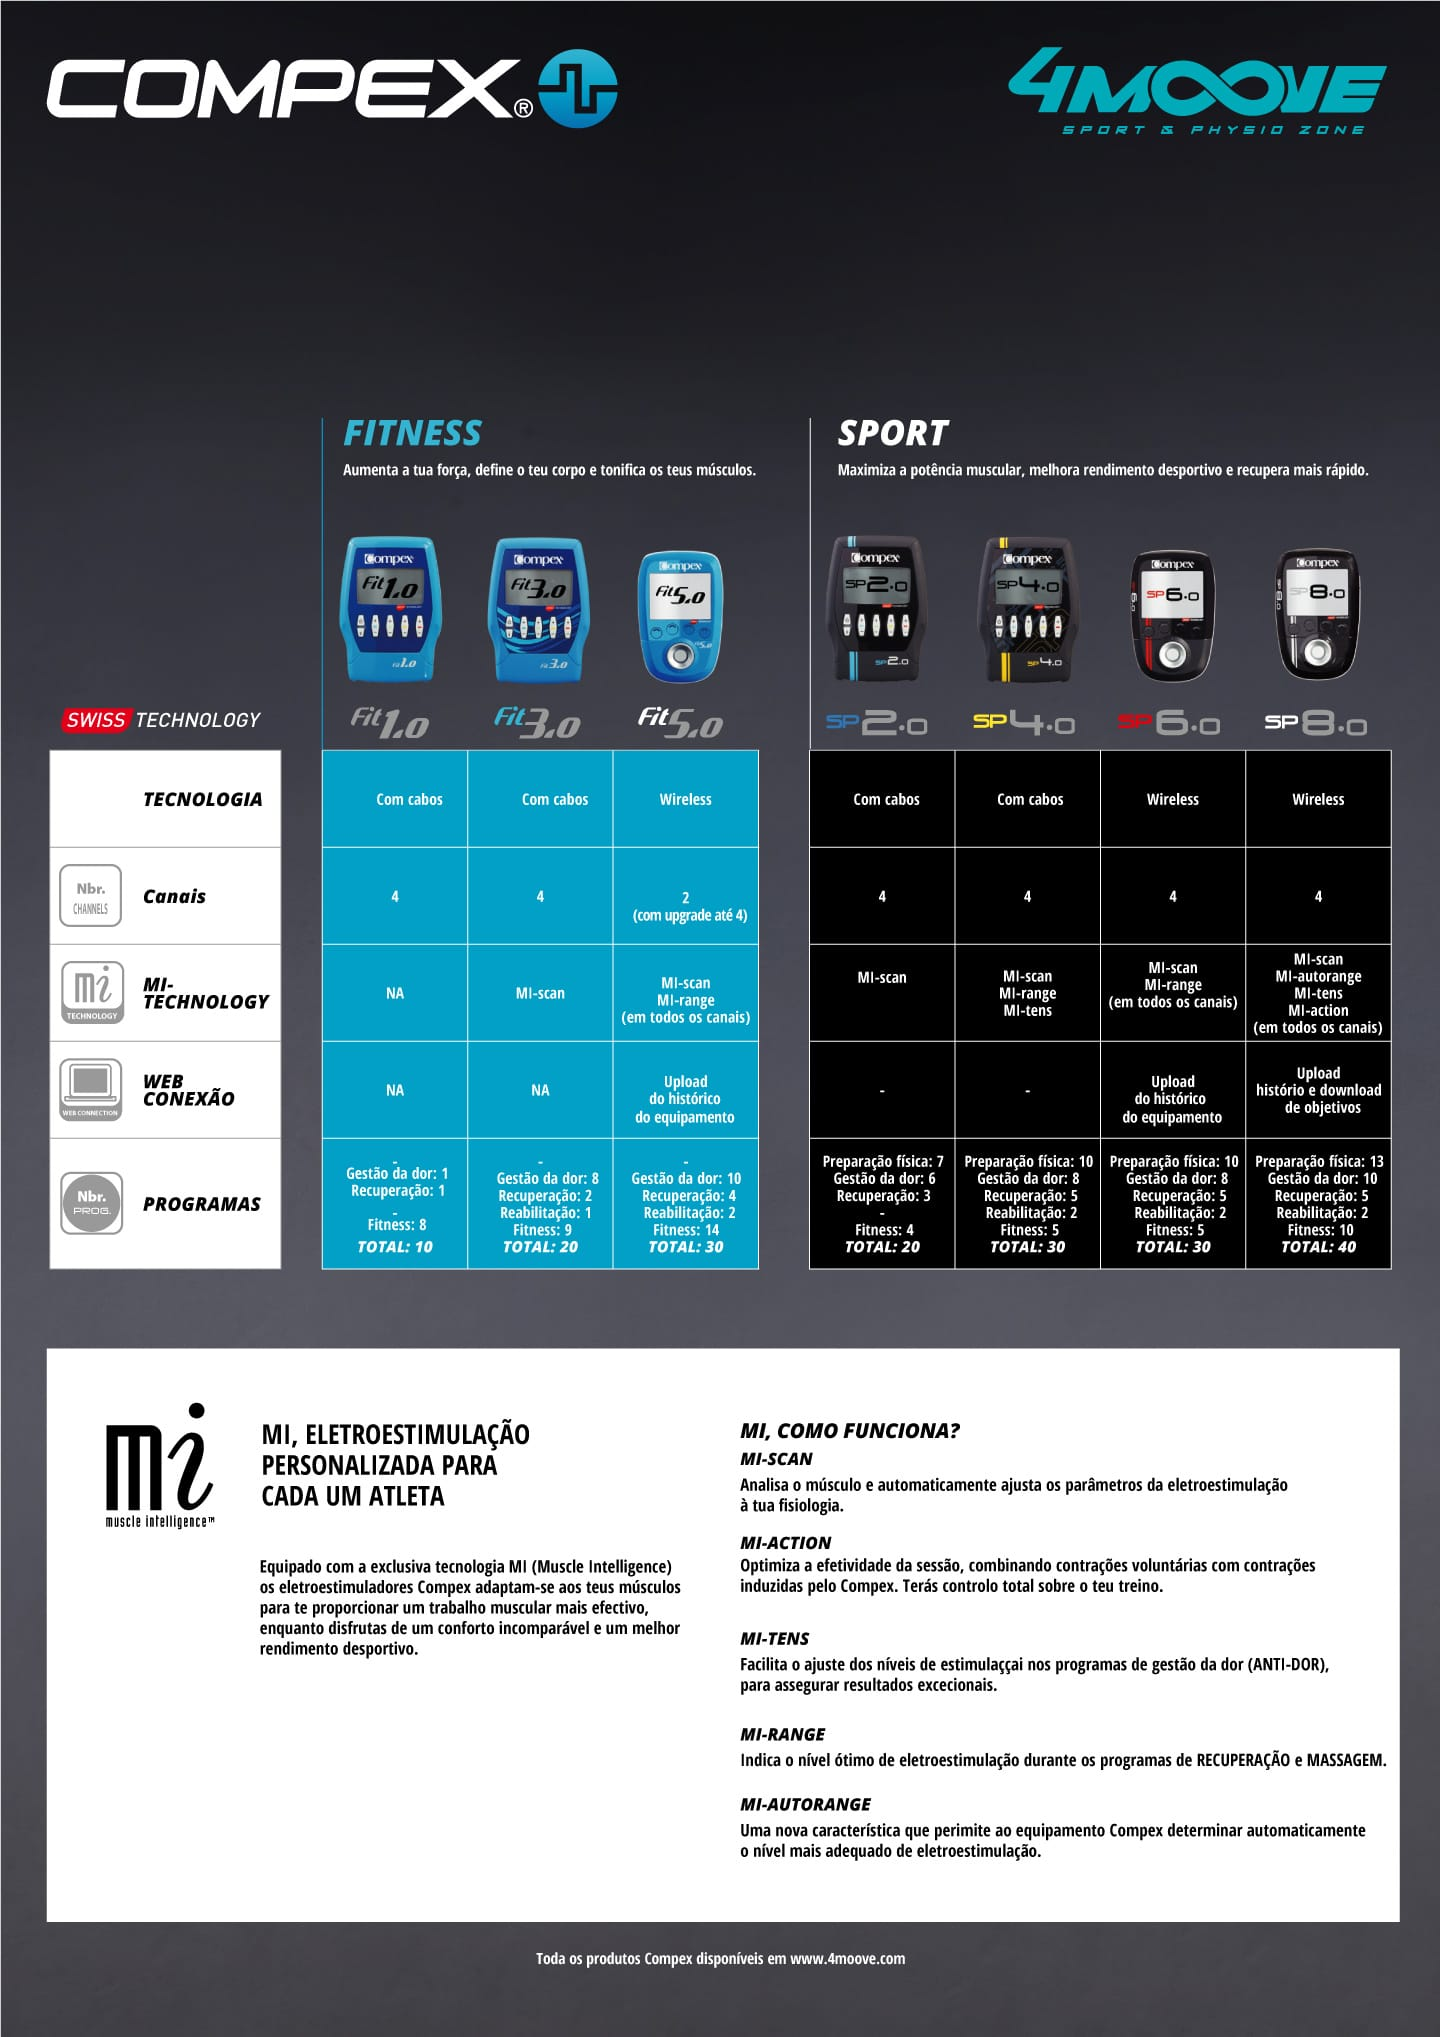 comparar programas e características dos Eletroestimuladores Compex